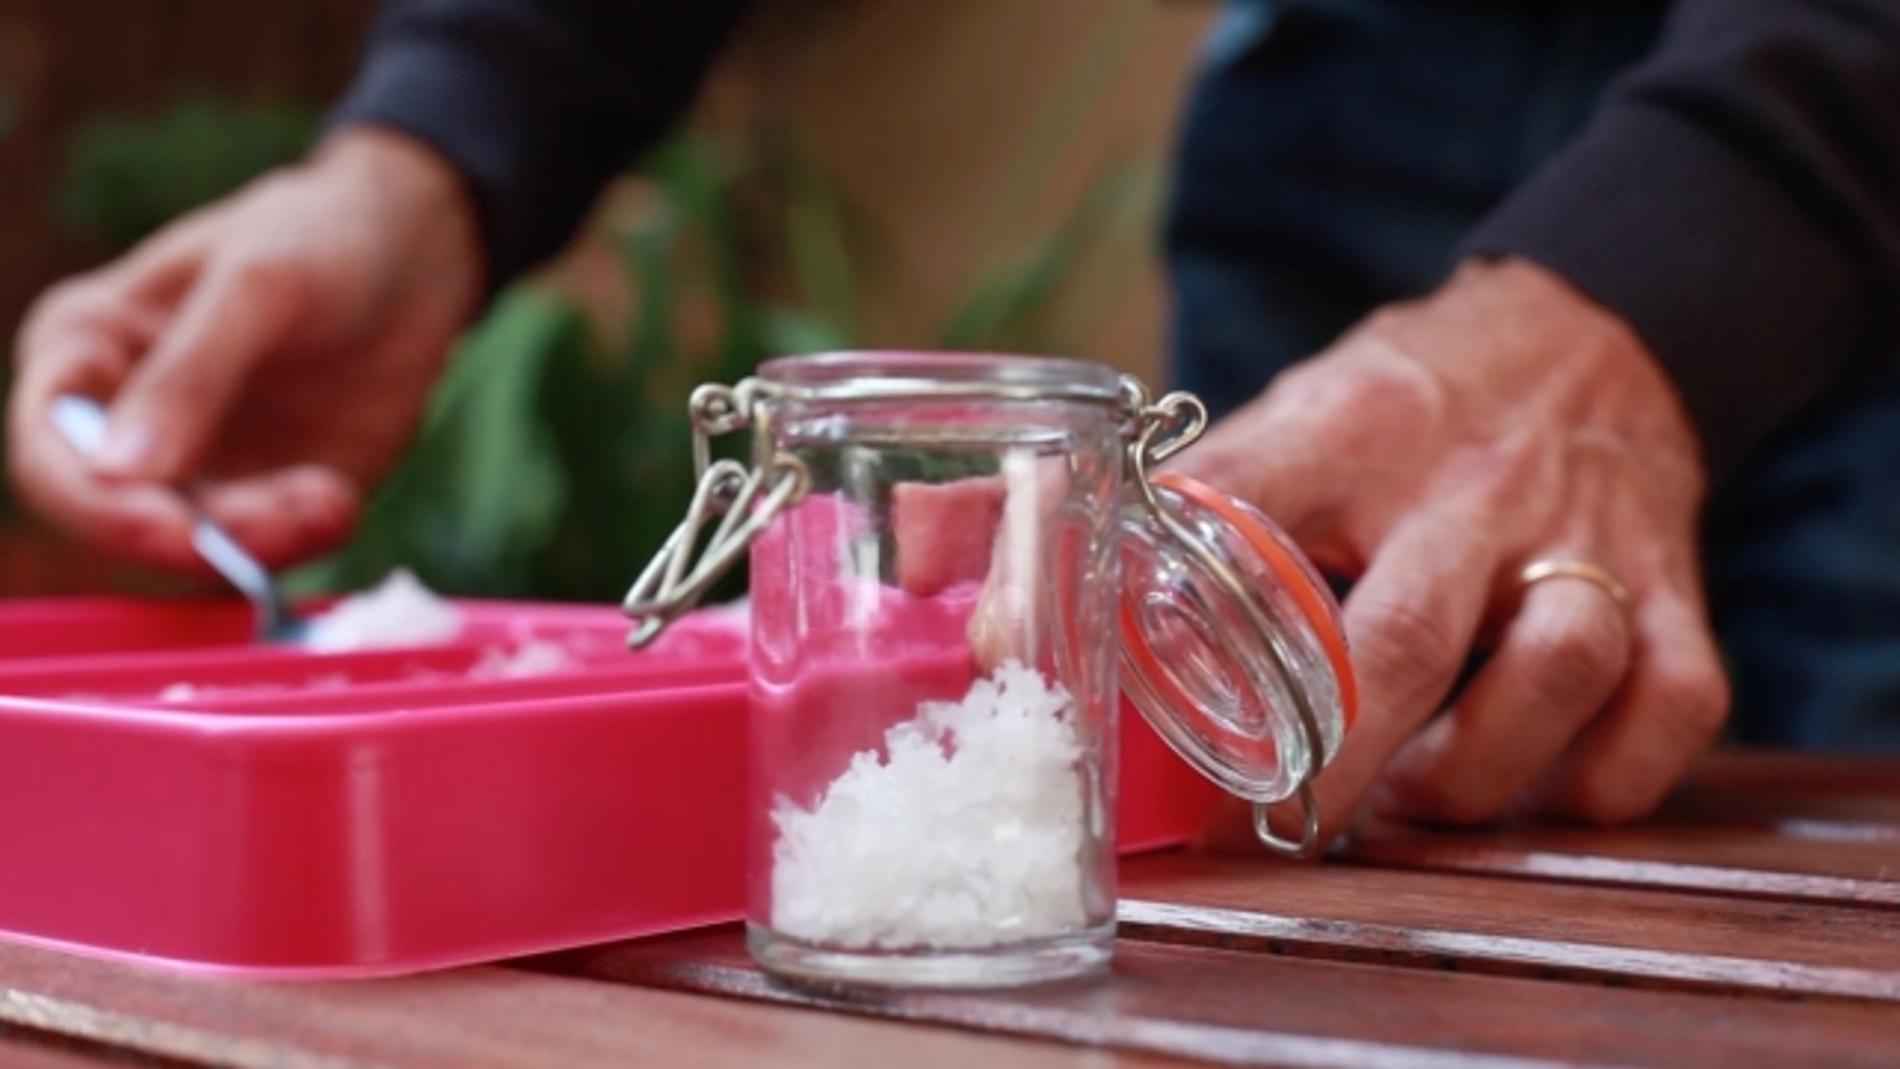 Un poquito menos de sal, mejor para nuestra salud.